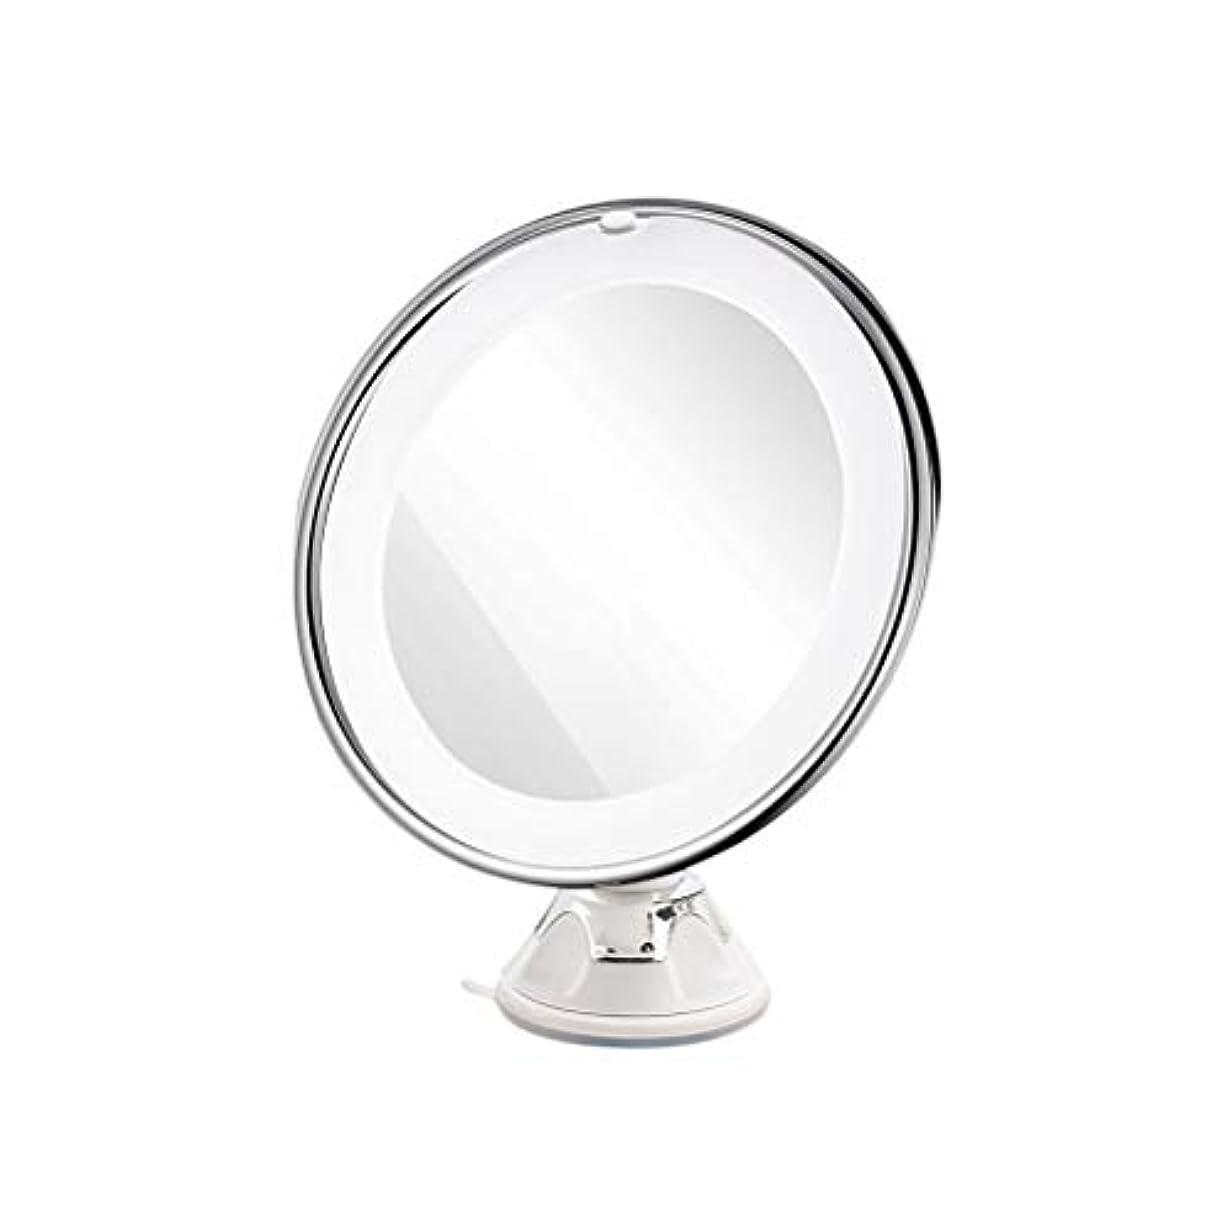 苗マトロンズボン化粧鏡 ファッション実用的な拡大鏡ミラーラウンドメイクアップ化粧鏡卓上ミラー吸盤付き男性女性